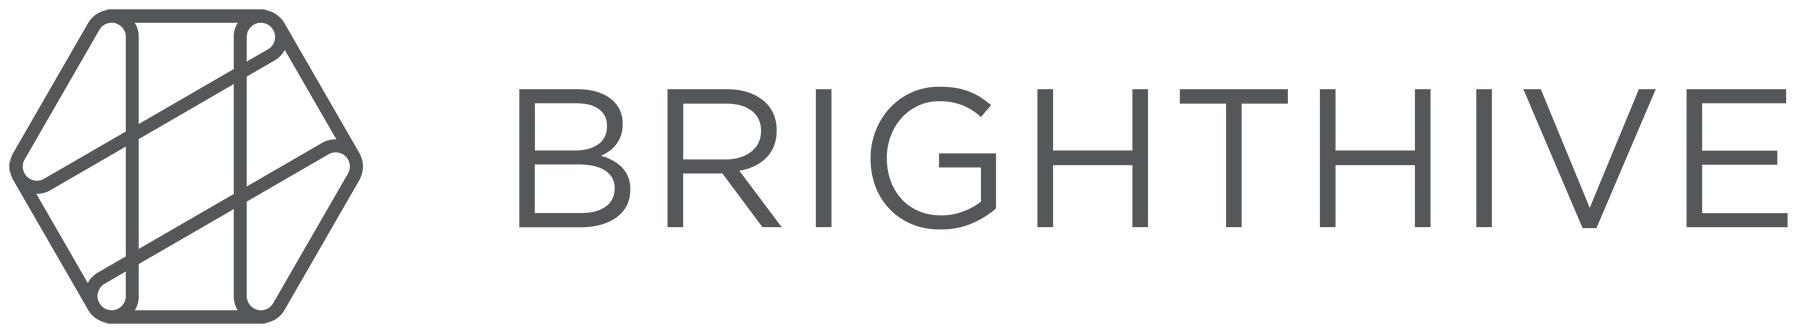 BrightHive-grey-logo